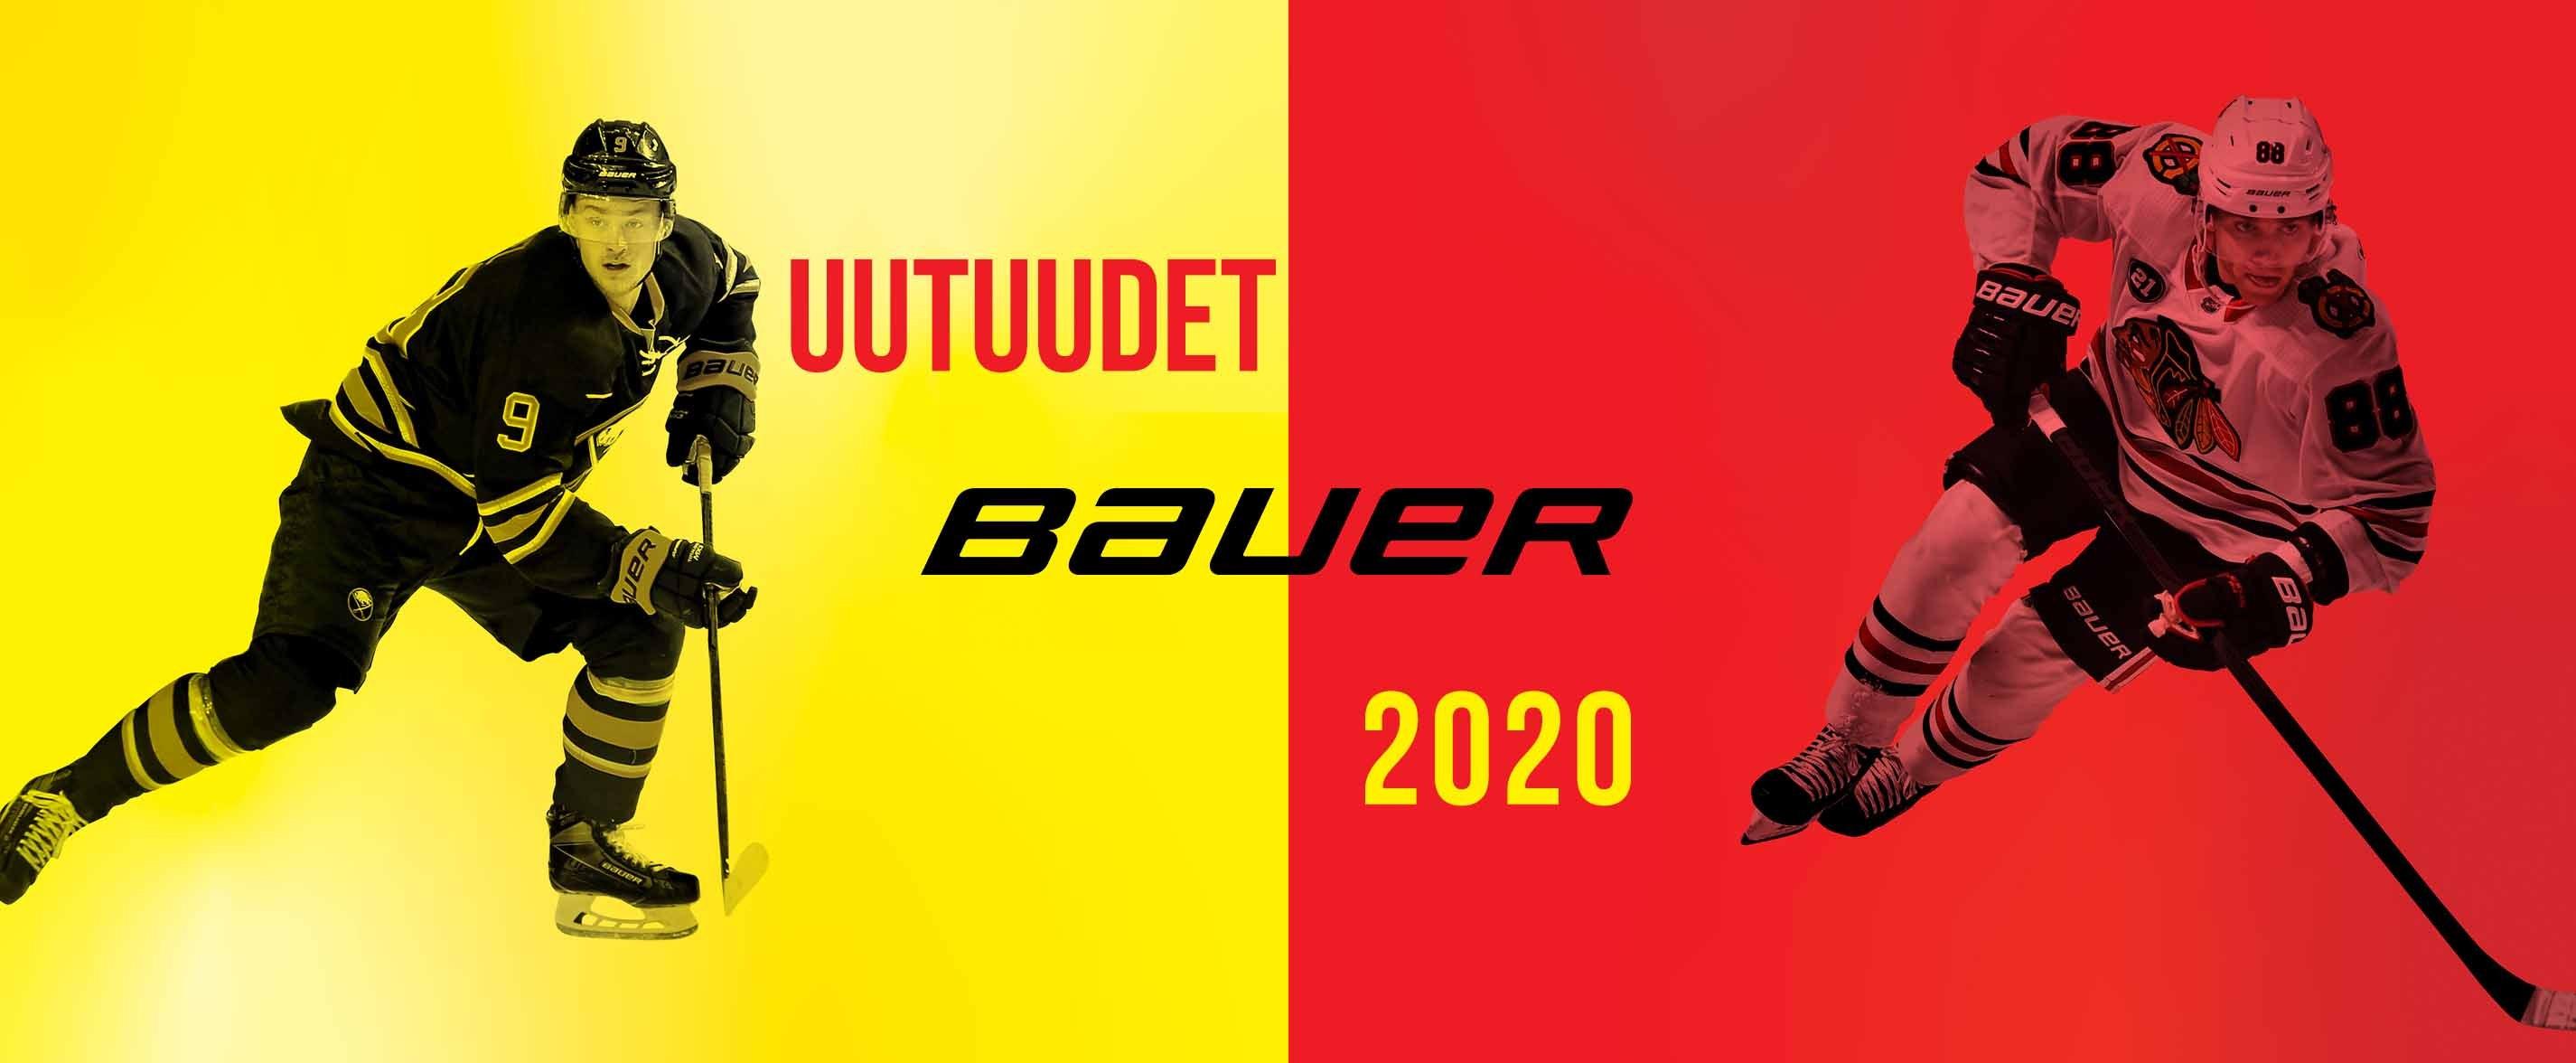 Bauer 2020